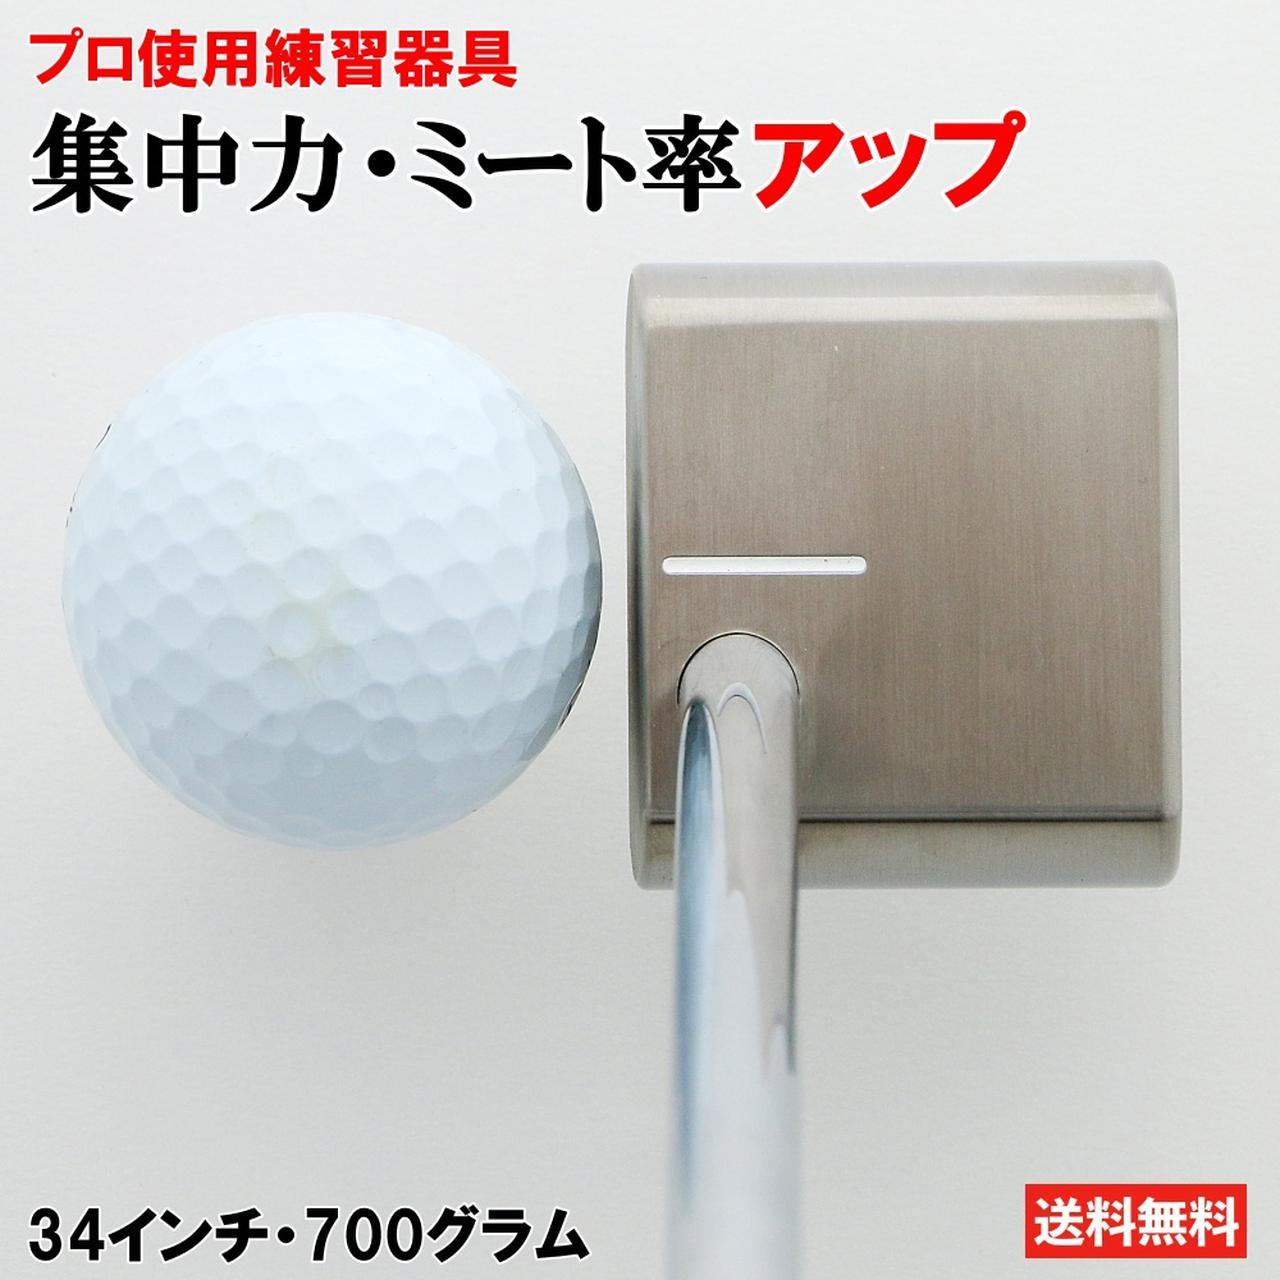 画像: 【楽天市場】【練習用リトルパター】OH1:ゴルフポケット楽天市場店